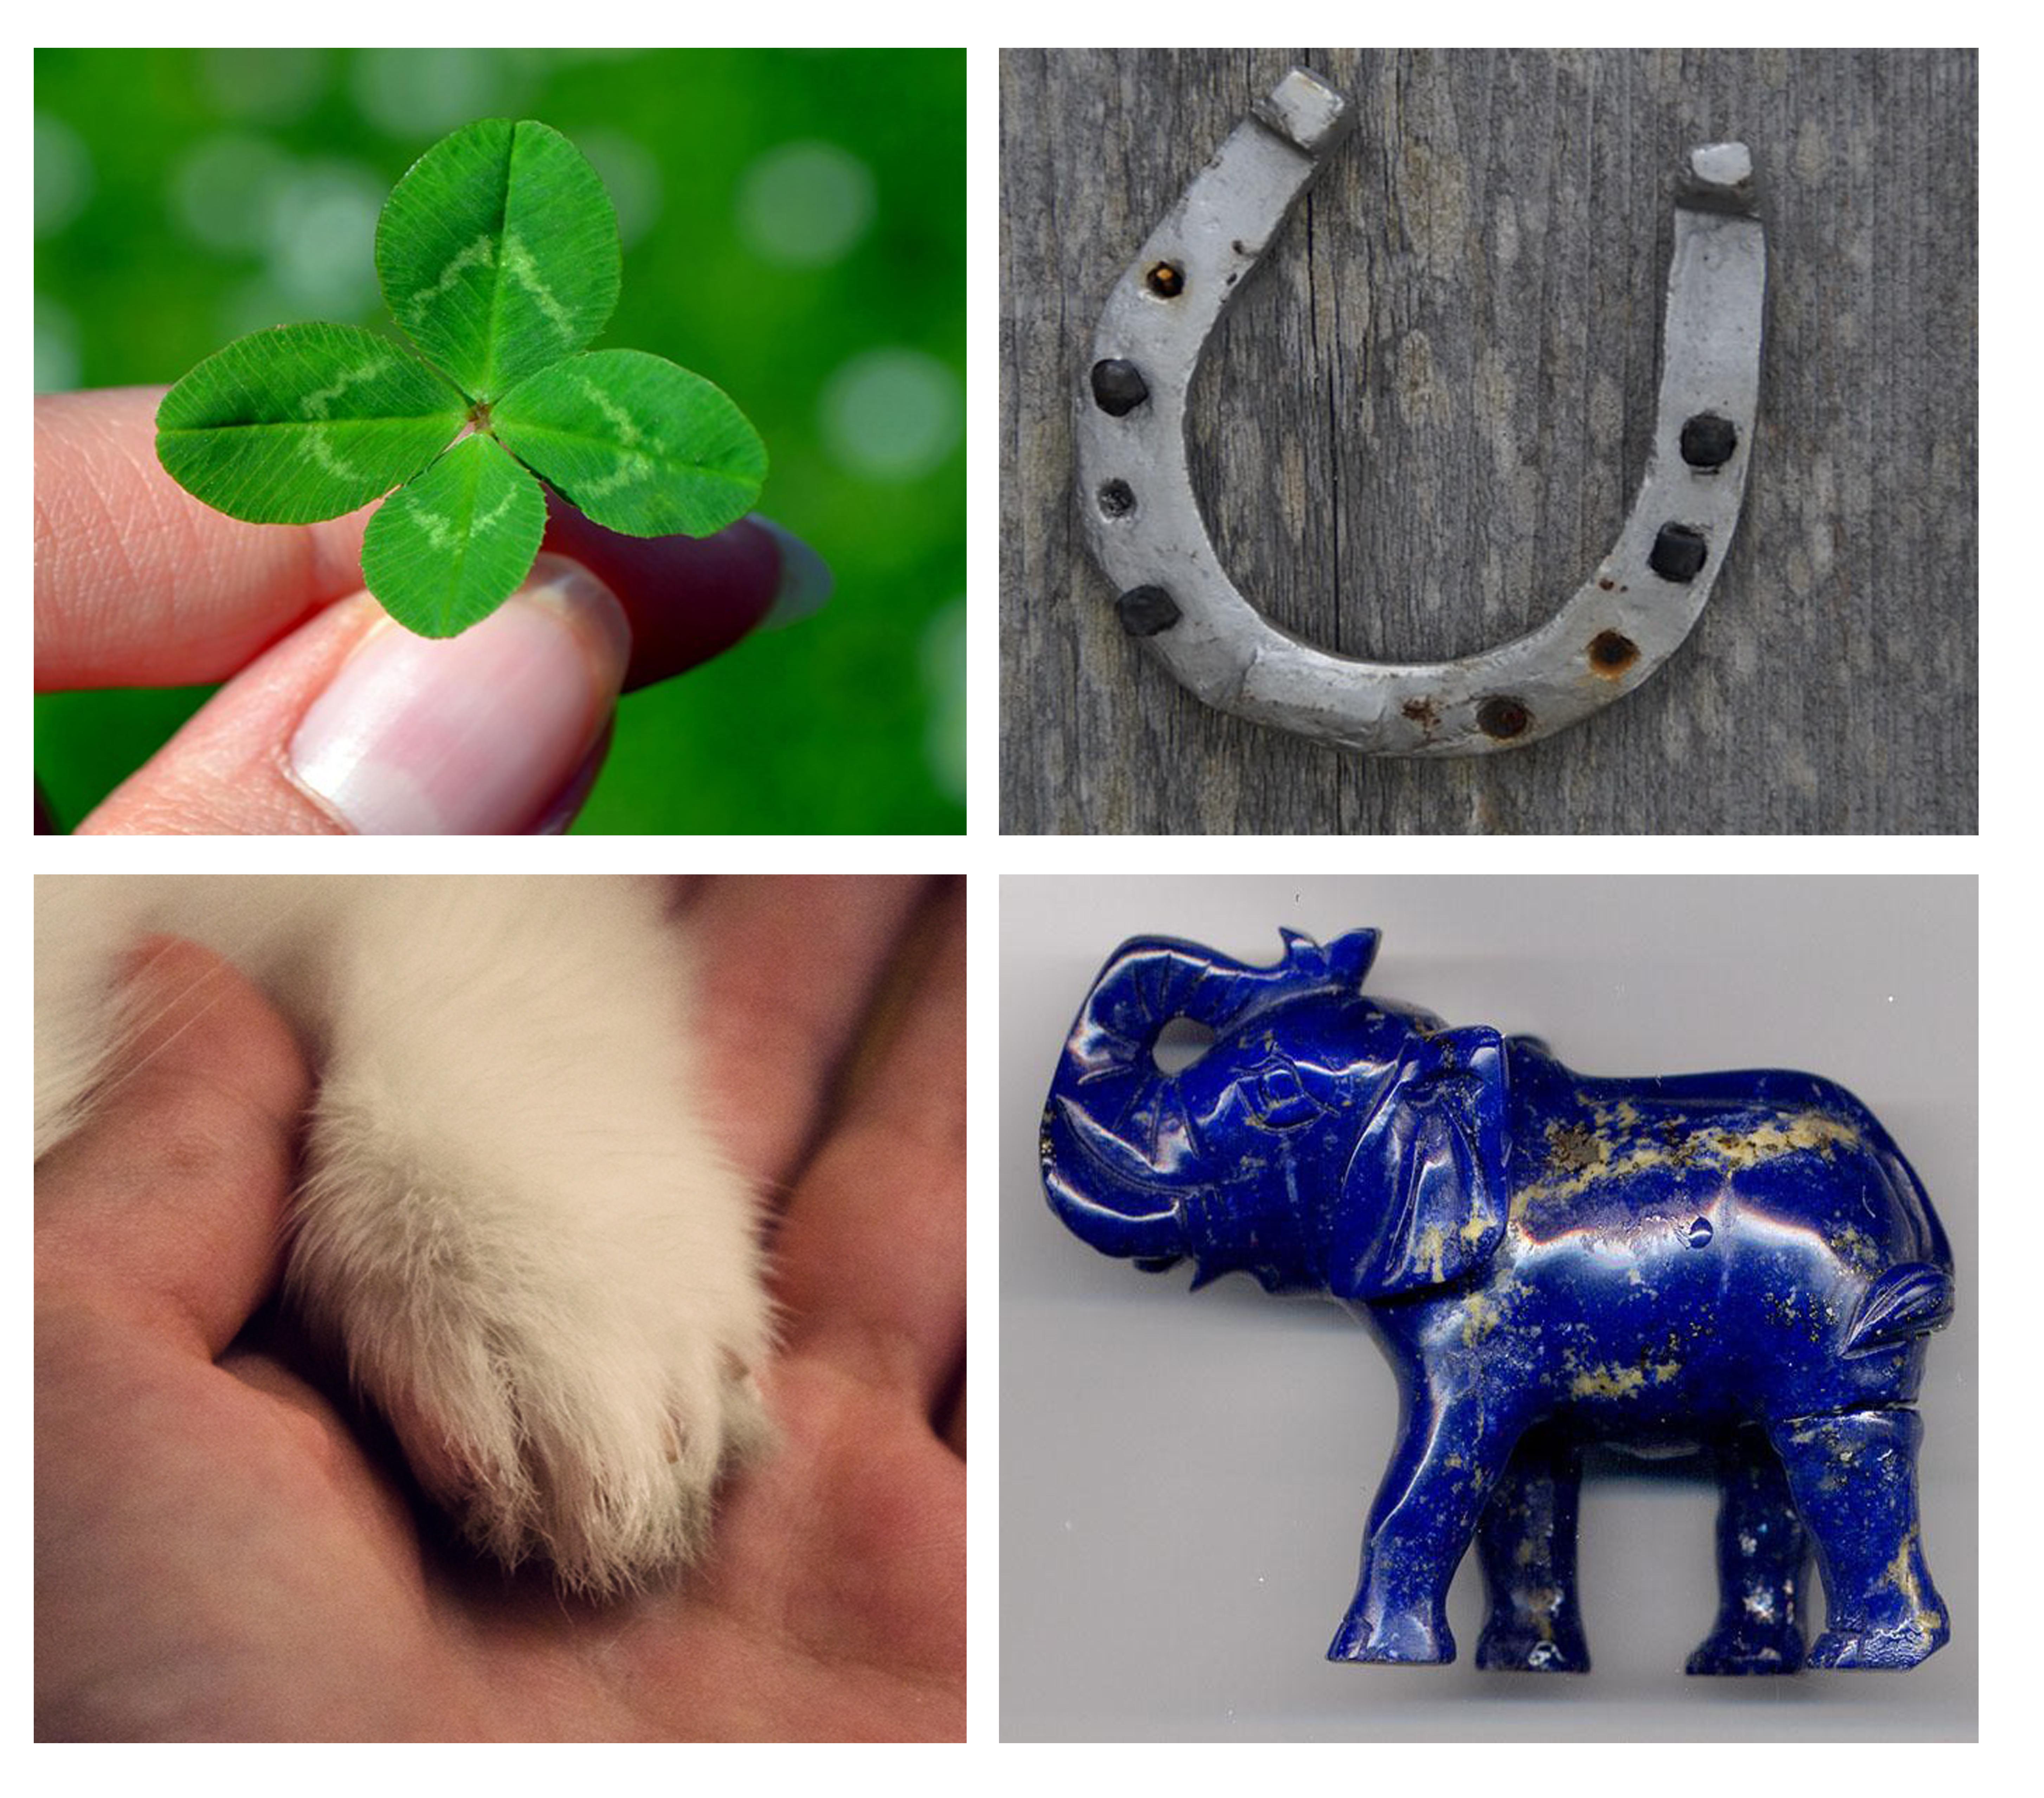 Amuletos de la buena suerte talismanes de fortuna y felicidad historias neupic - Objetos de buena suerte ...